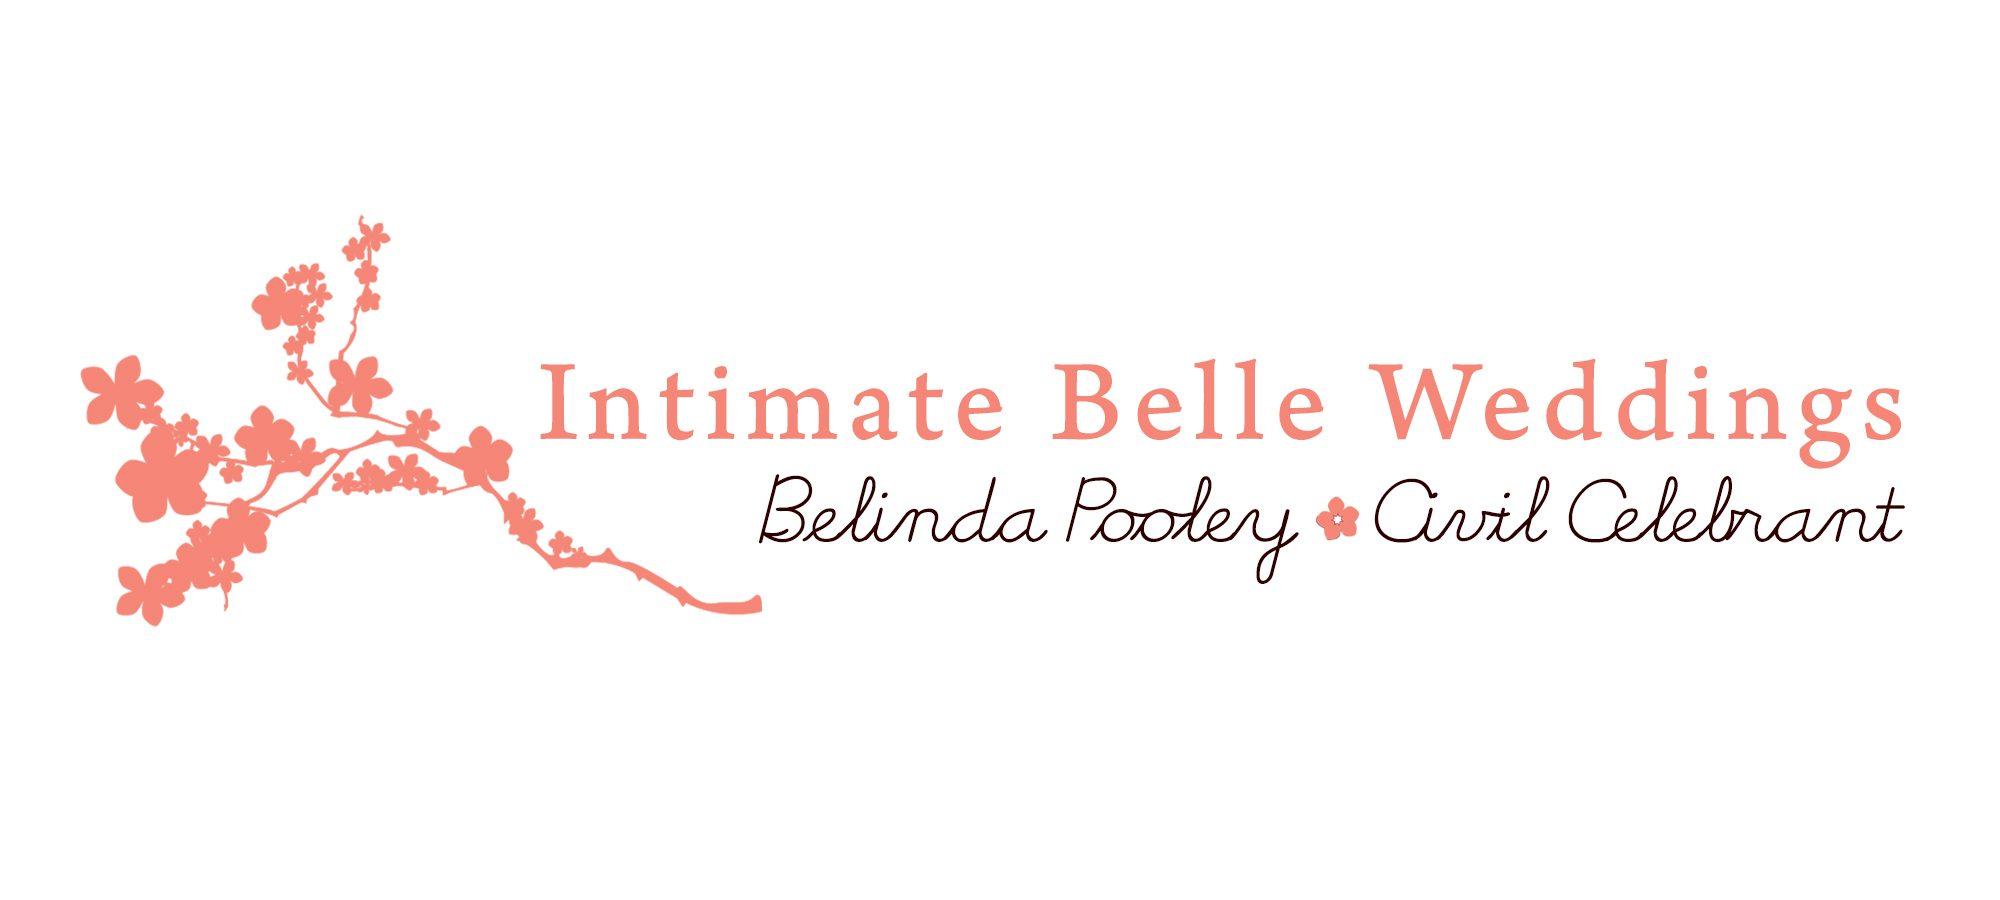 Intimate Belle Weddings